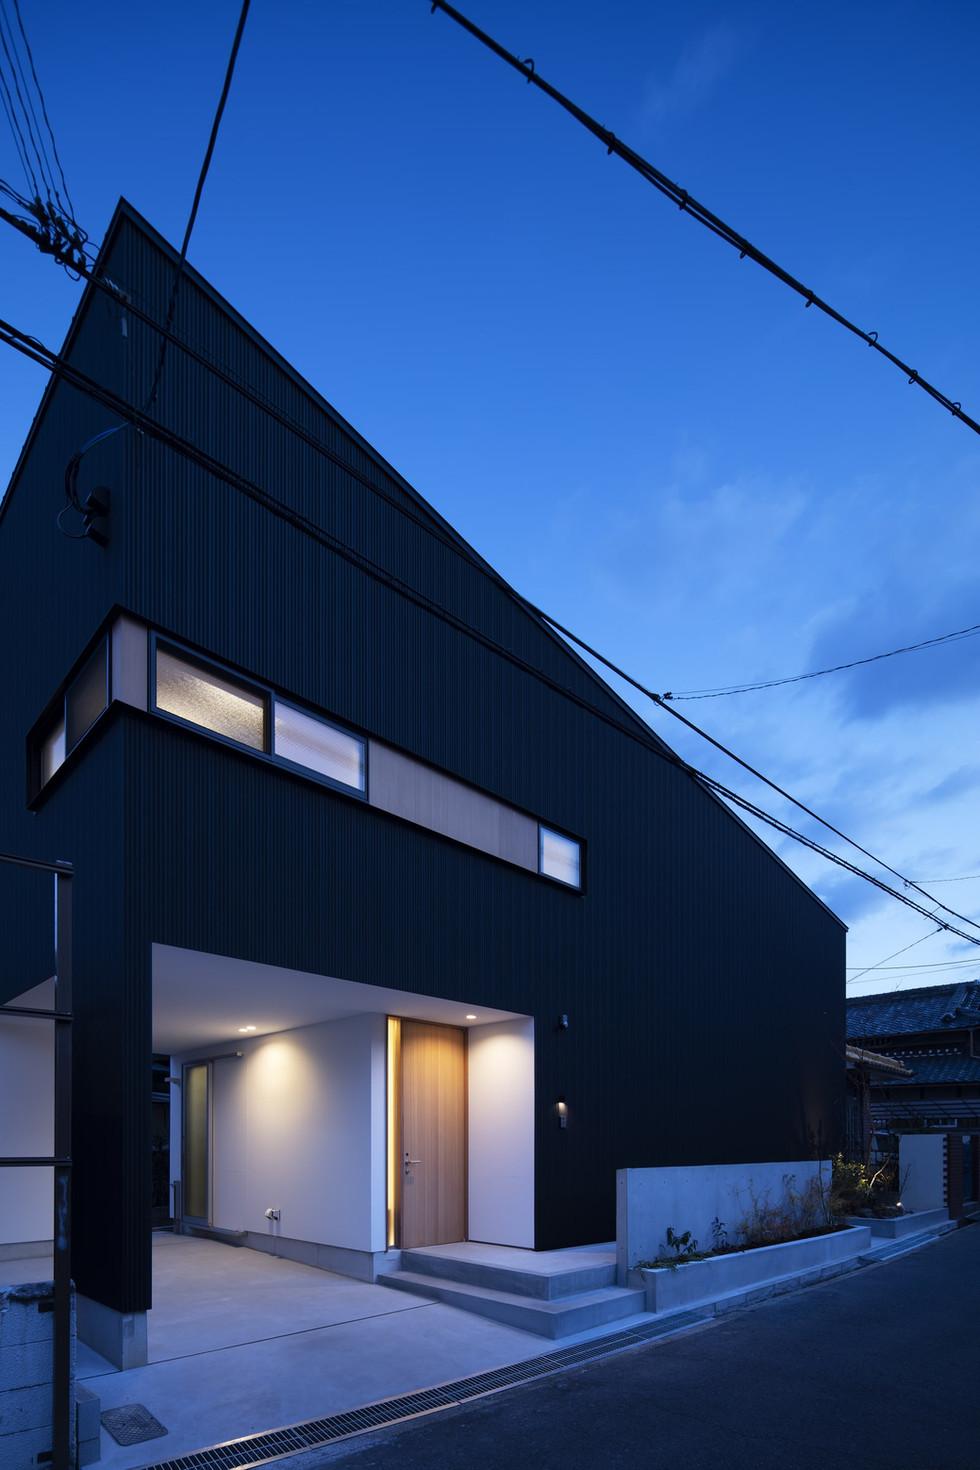 custom-built-home-sakai_2400_13.jpg